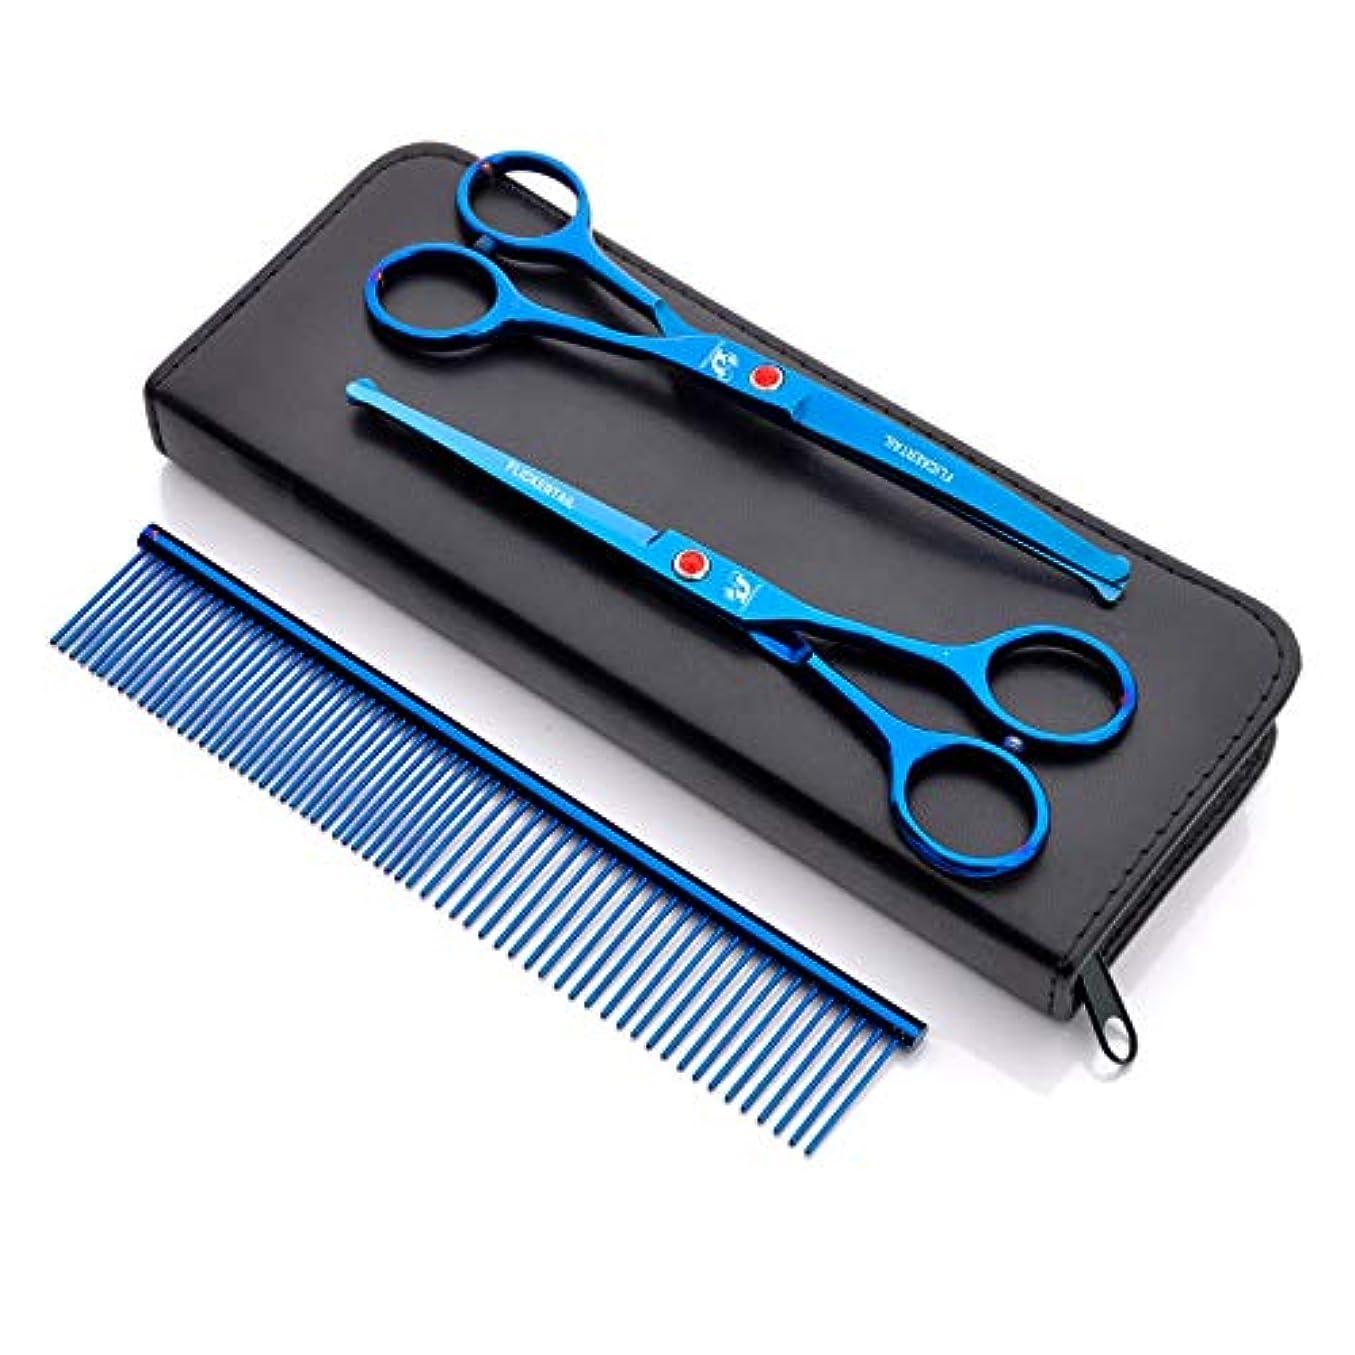 あごひげ貪欲箱ラウンドヘッドペットの髪カットはさみ、プロのペットグルーミング精密安全はさみセット、ペットショップや個々のユーザーに適して,Blue